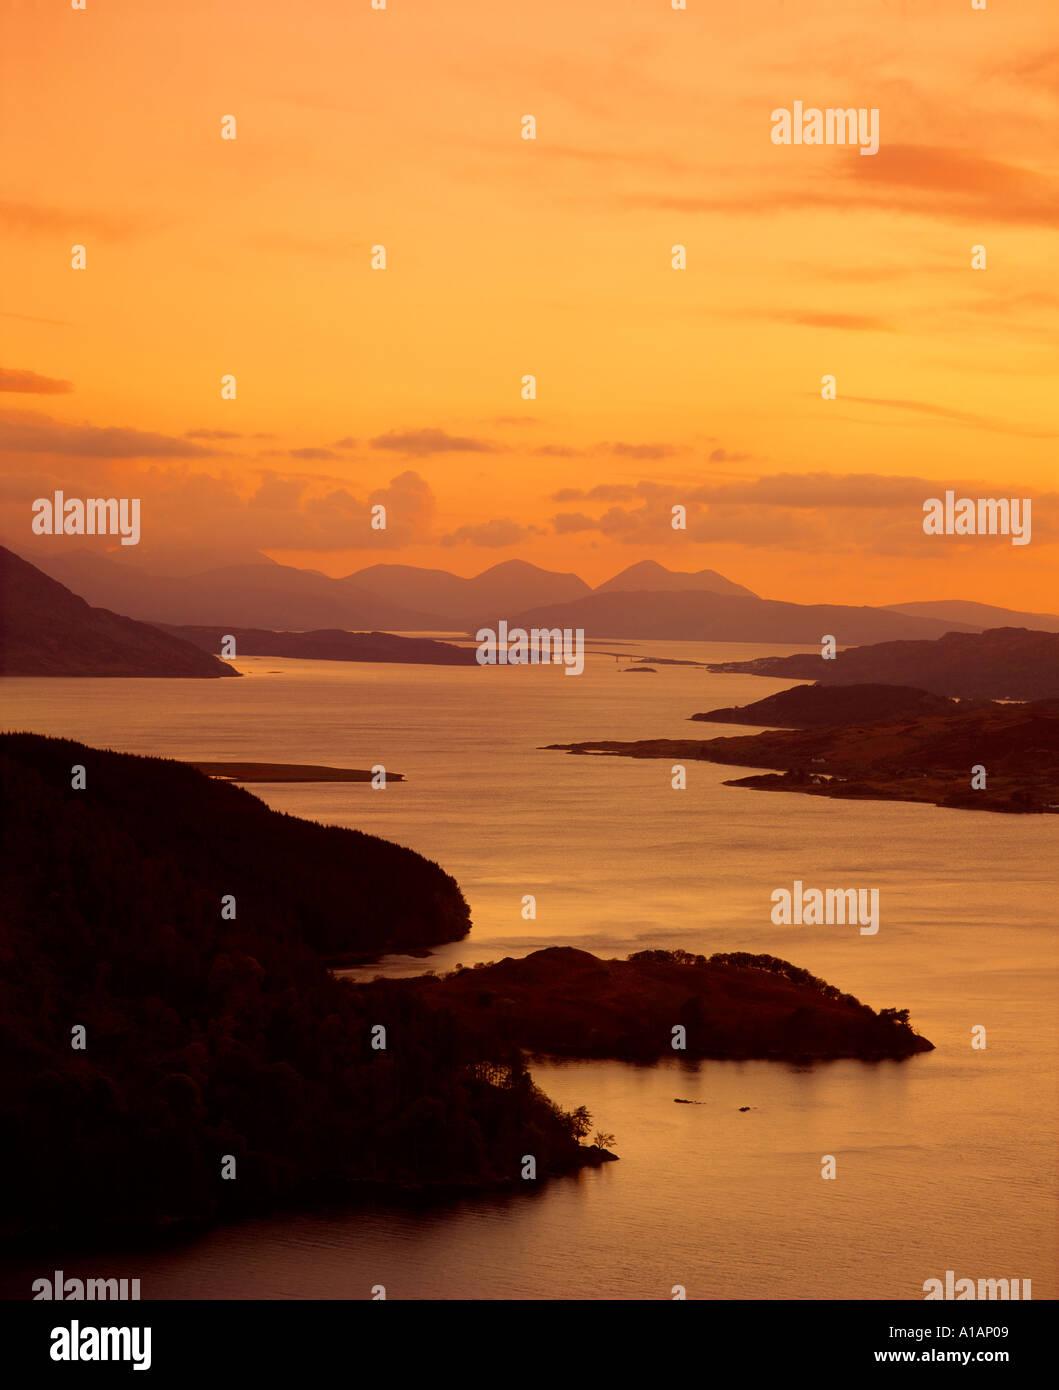 Loch Alsh e l'Isola di Skye da Carr Brae al crepuscolo, Highland, Scotland, Regno Unito Immagini Stock